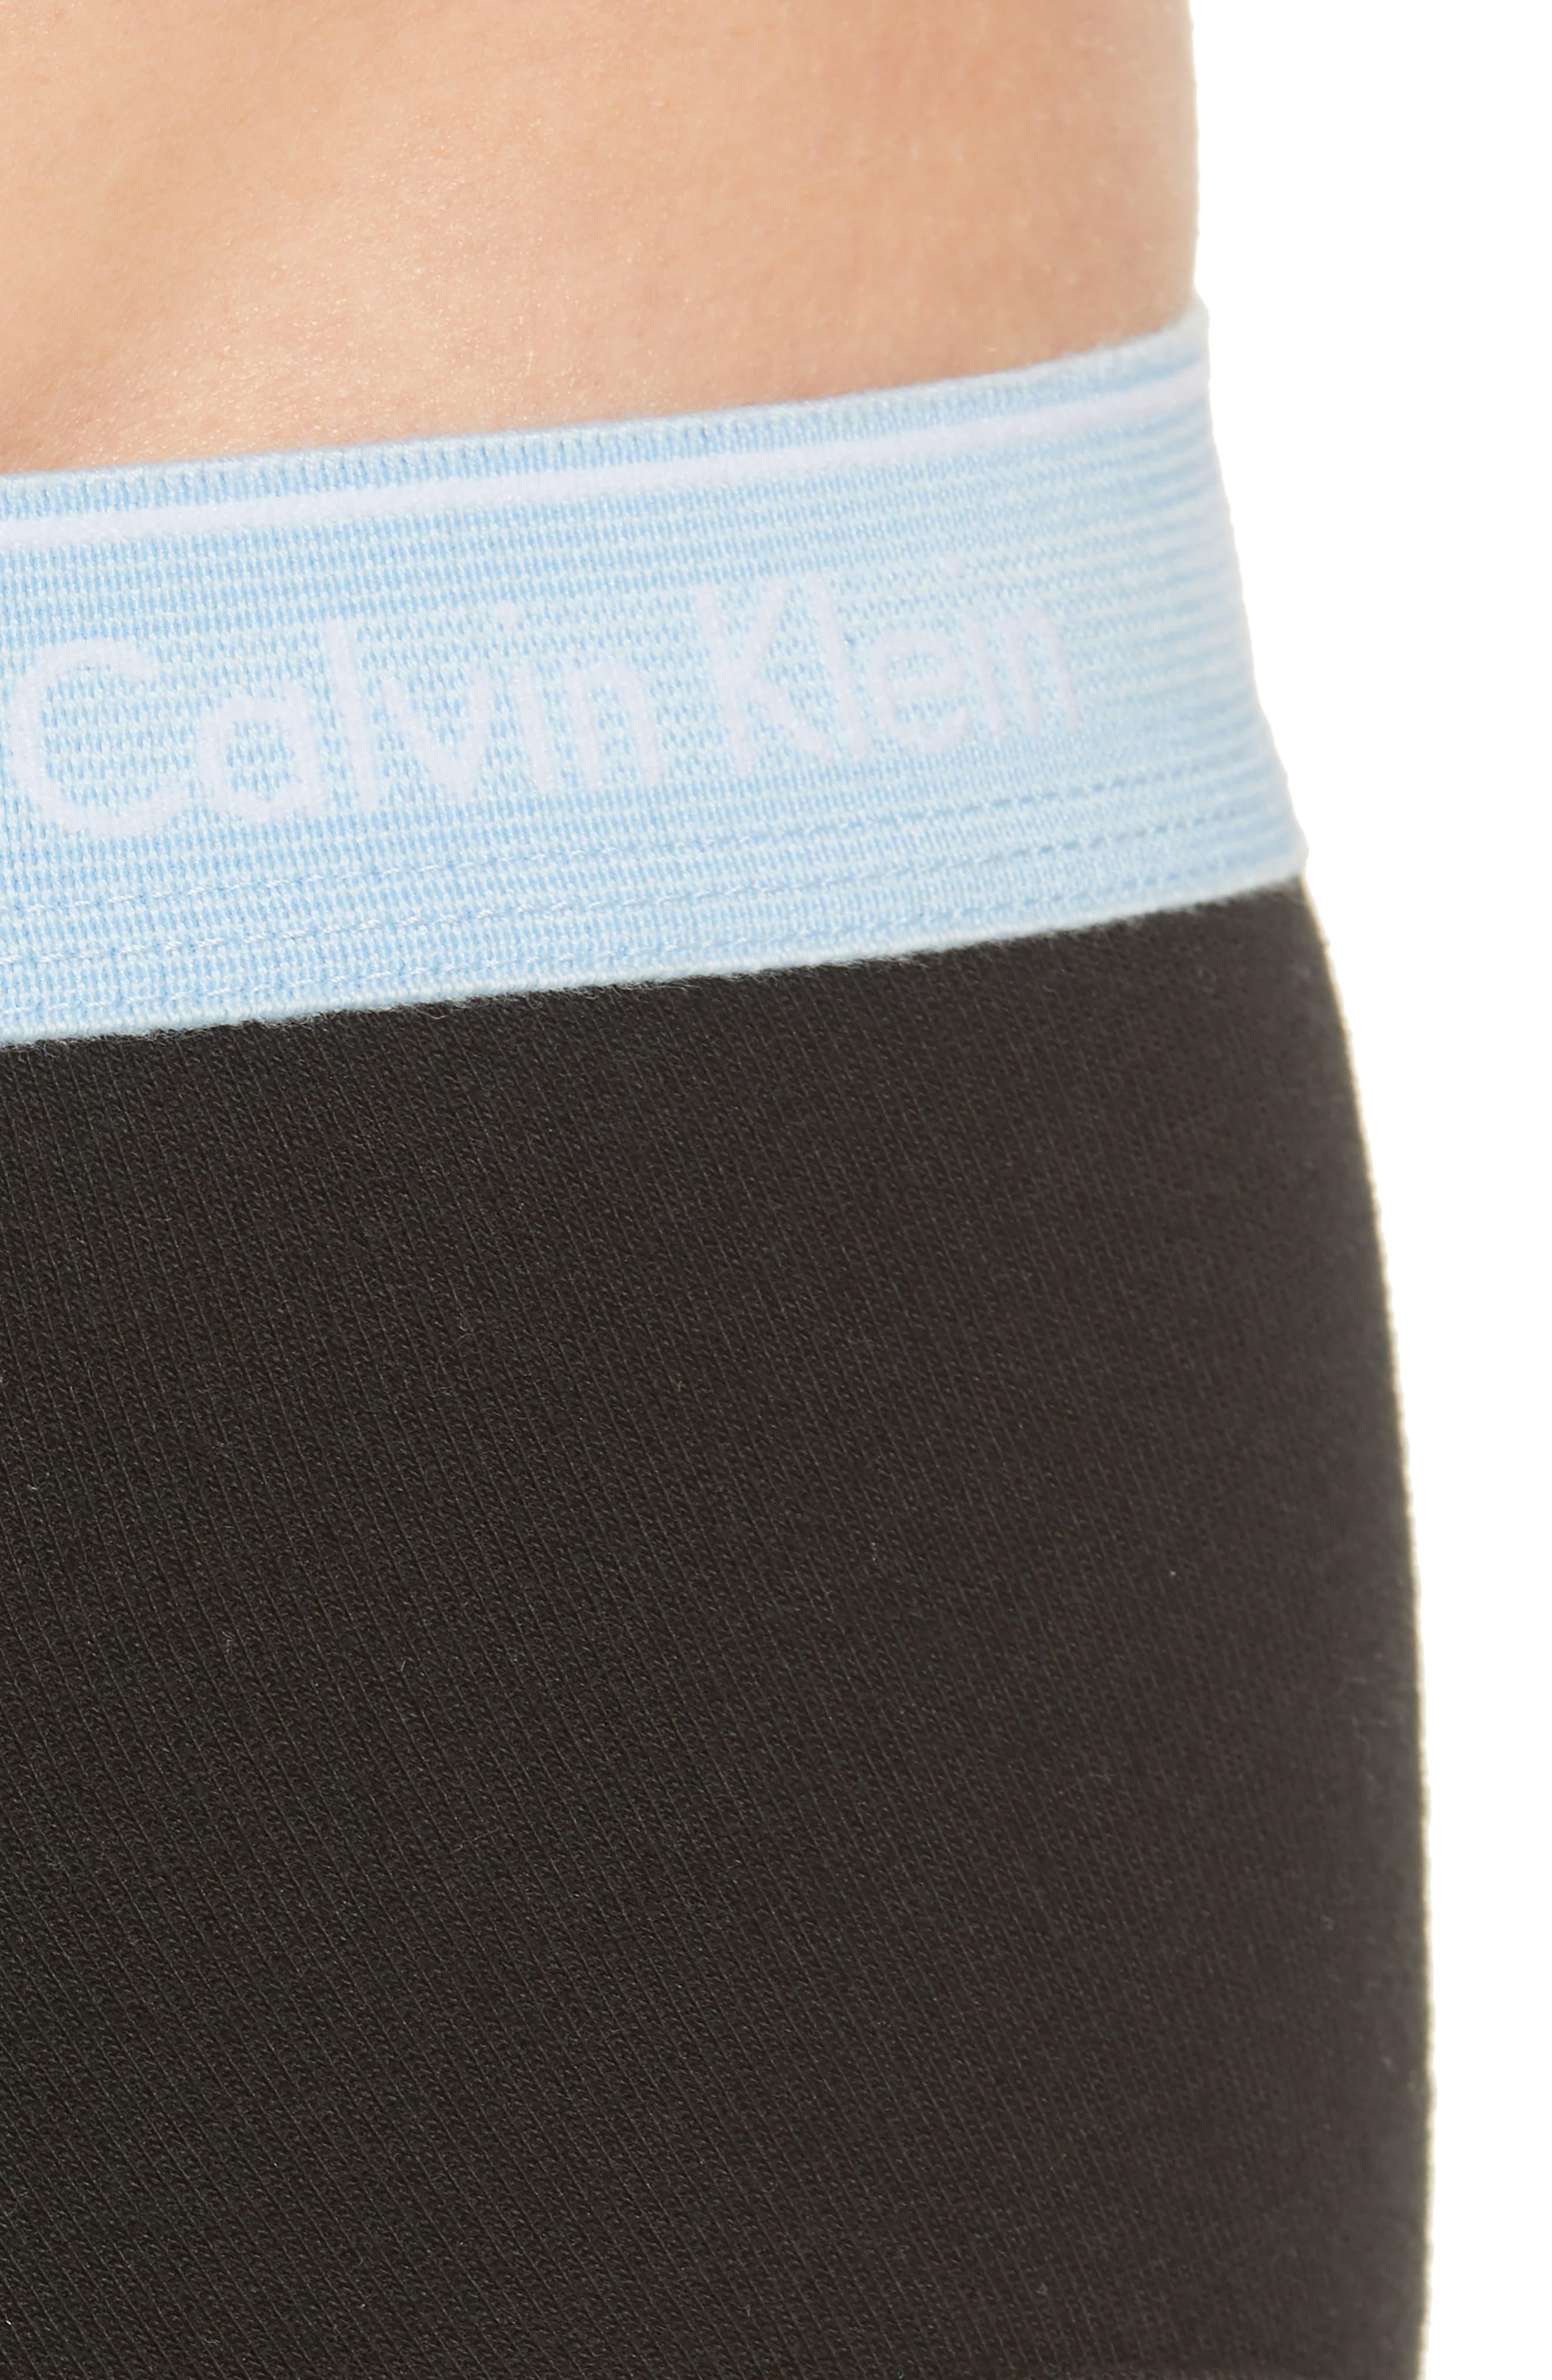 Classic 5-Pack Cotton Briefs,                             Alternate thumbnail 5, color,                             BLACK/ BLK/ GAZE/ BLUE